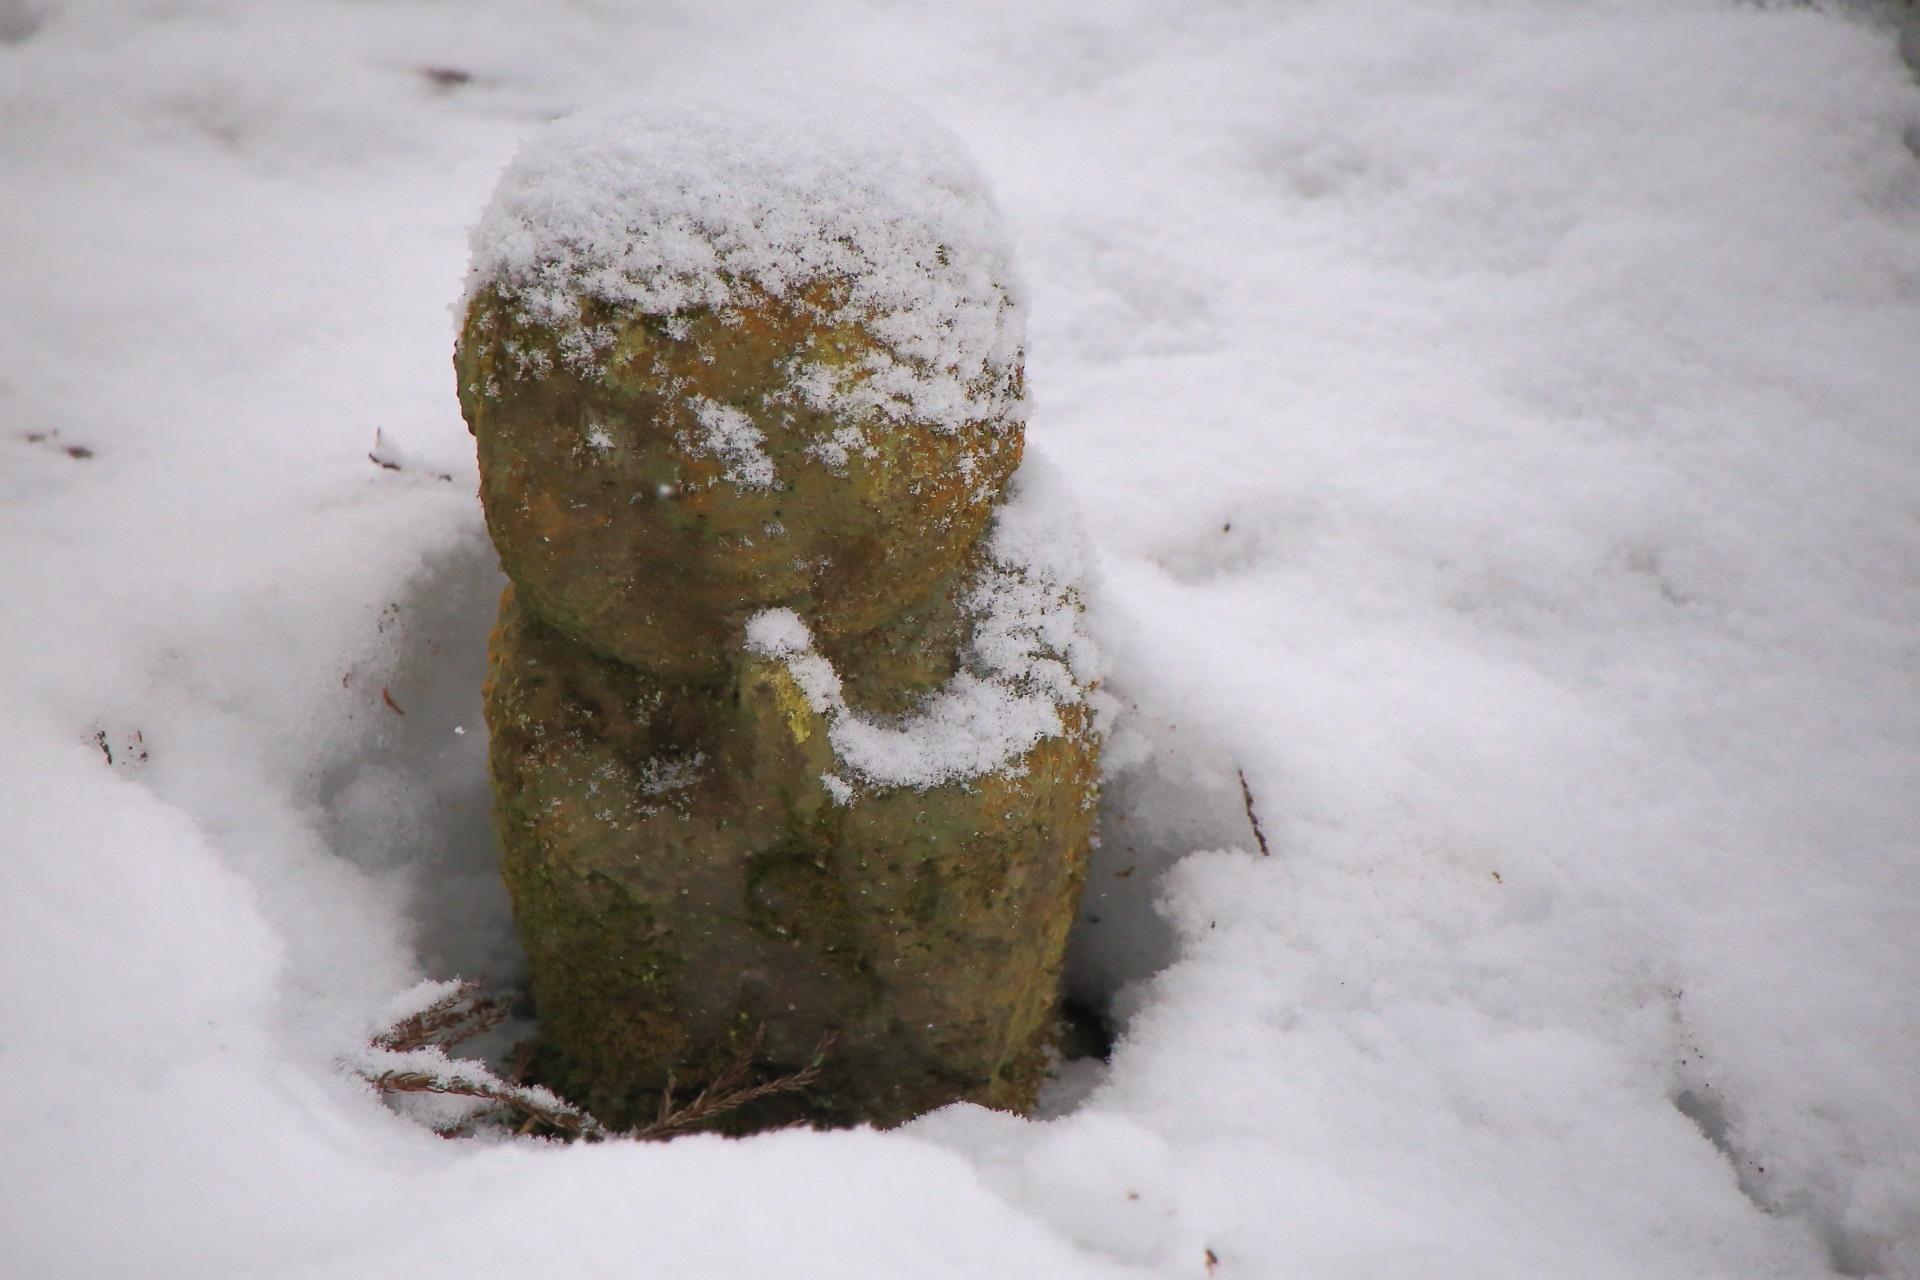 雪をかぶった可愛いわらべ地蔵